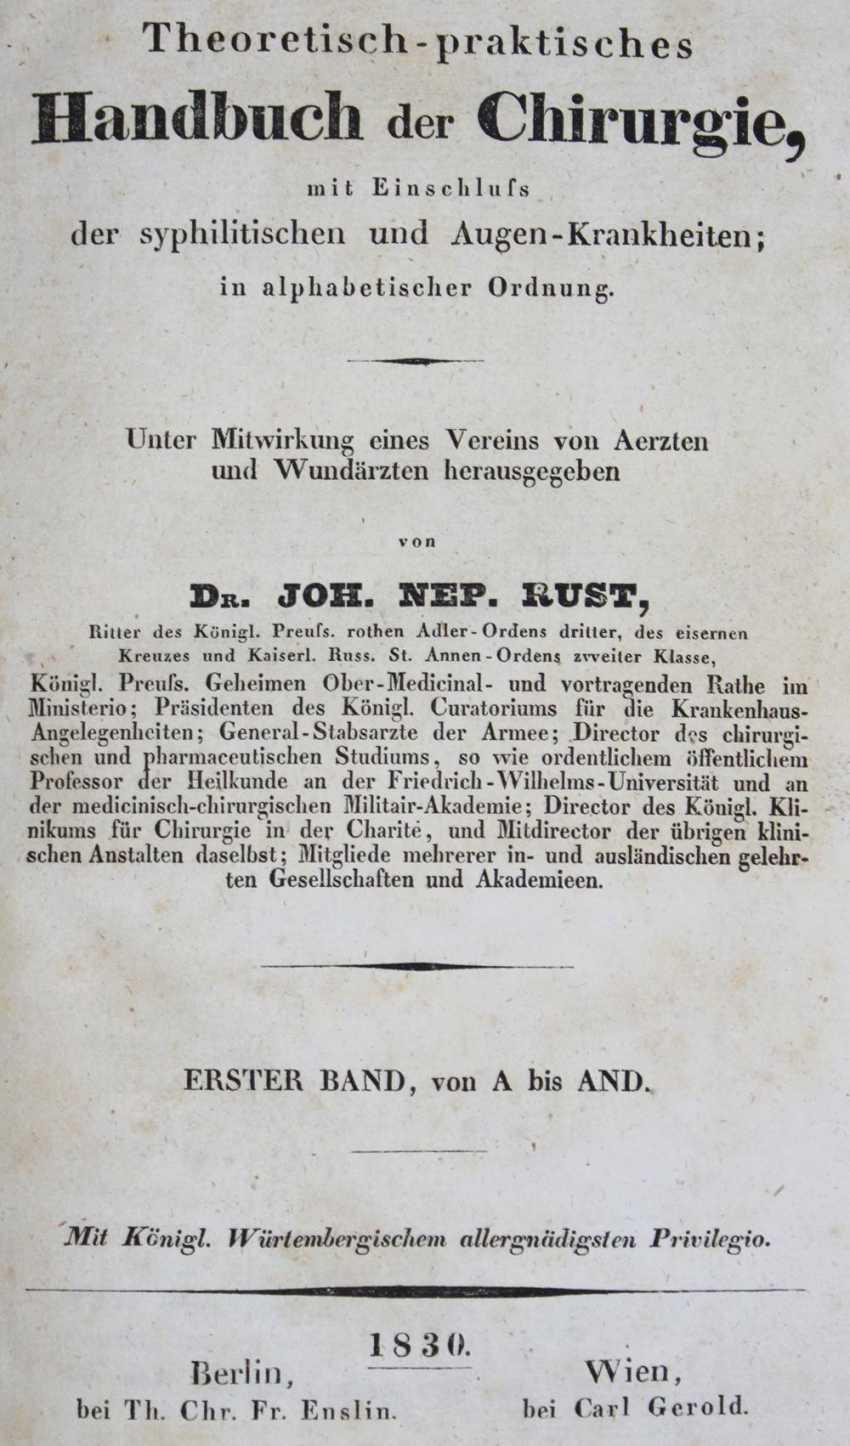 Dieffenbach-Rust, J.N. - photo 1